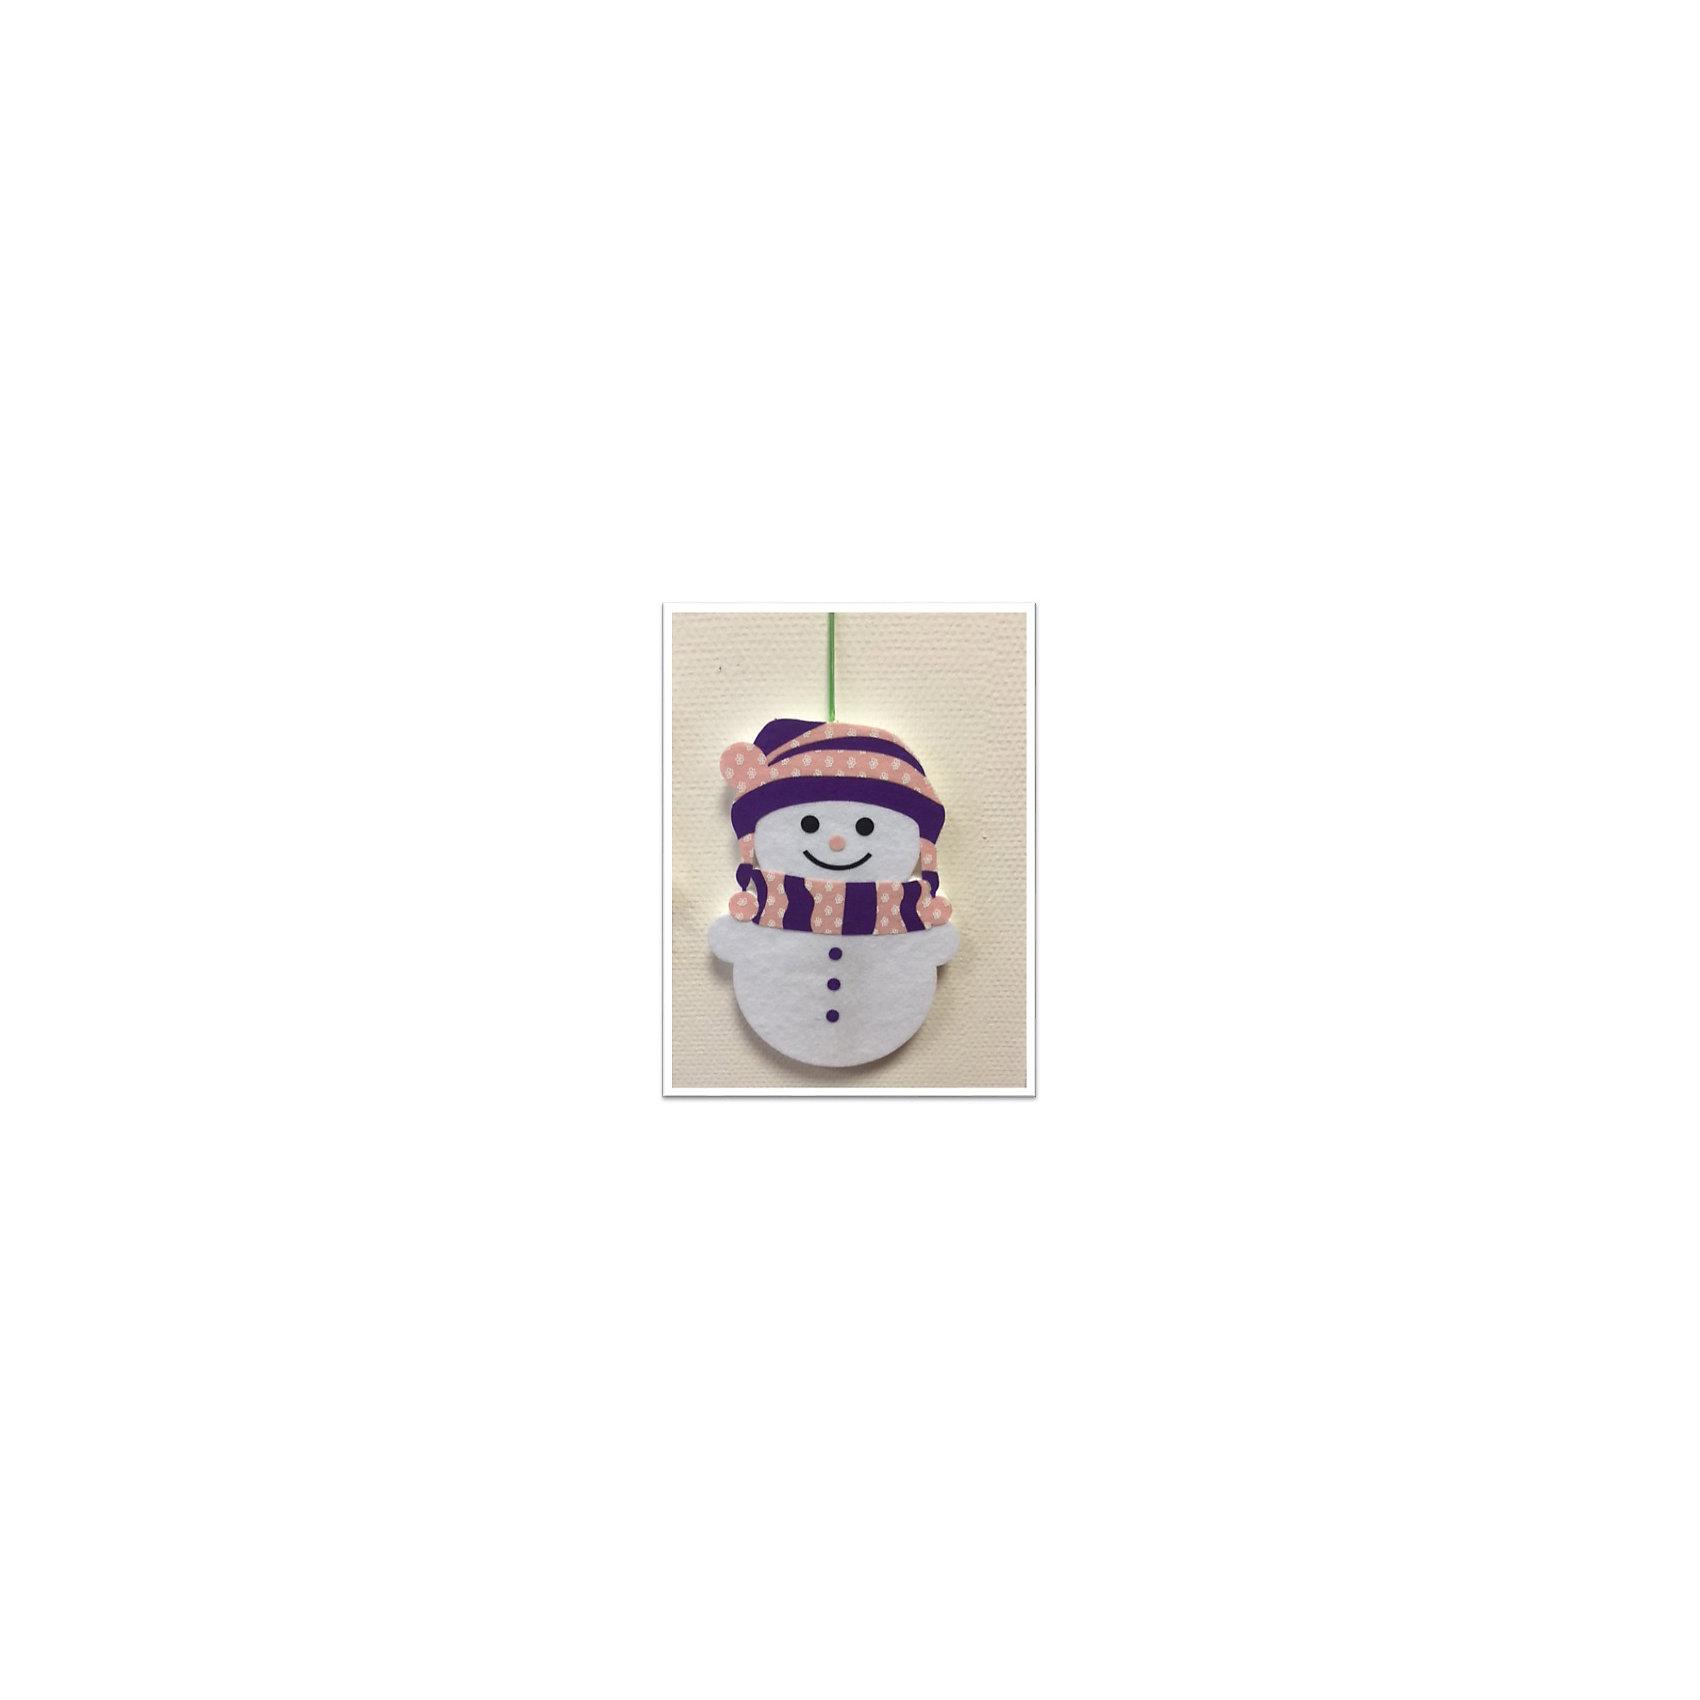 CENTRUM Набор для детского творчества Снеговик из фетра, высота 30 см набор для детского творчества набор веселая кондитерская 1 кг